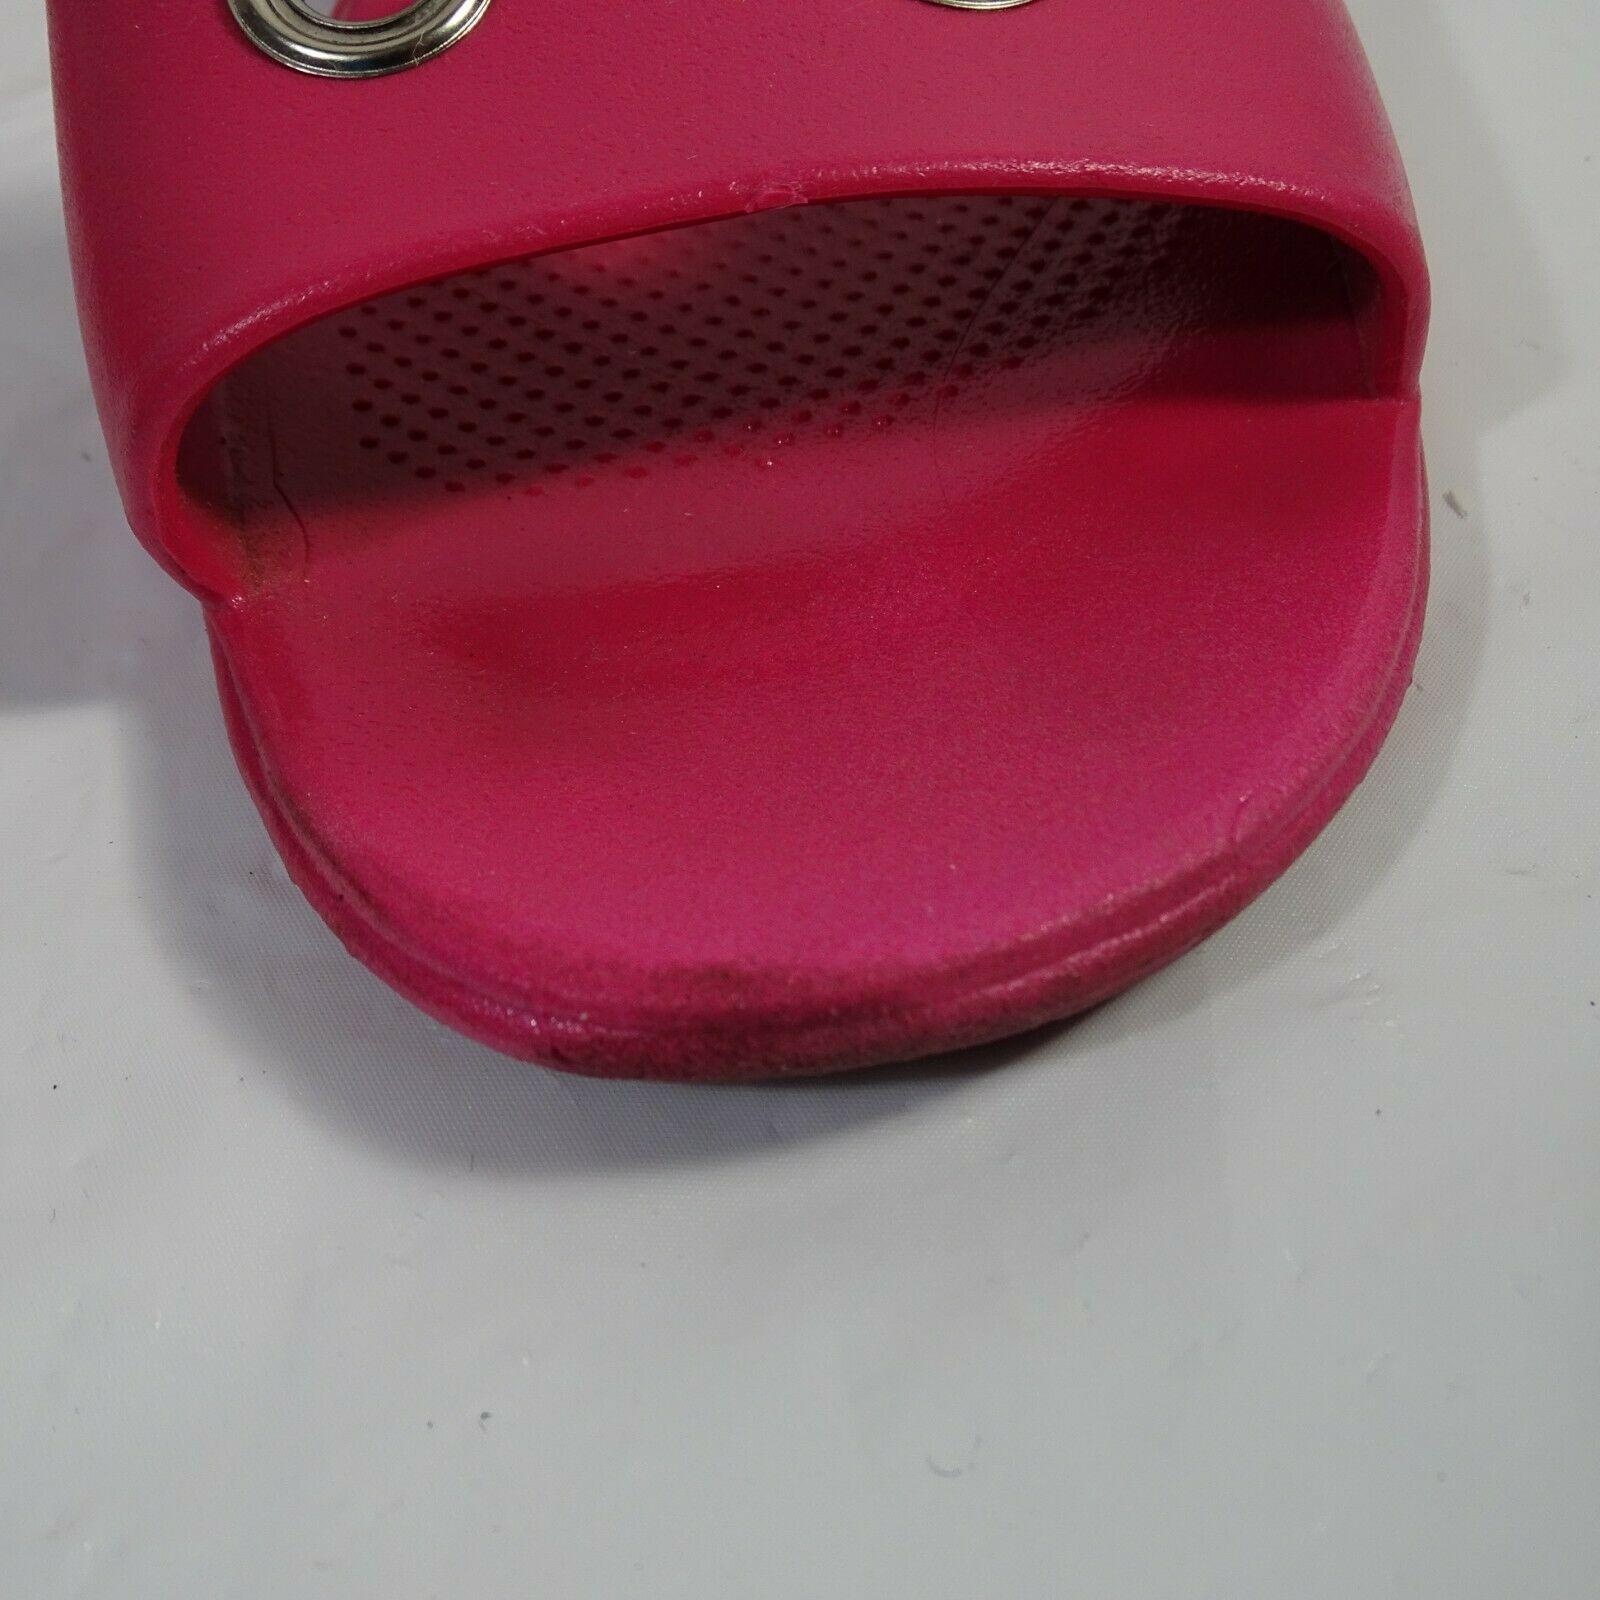 Okabashi Slides Sandals Woman Size M/L Hot Pink Slip-on Rubber